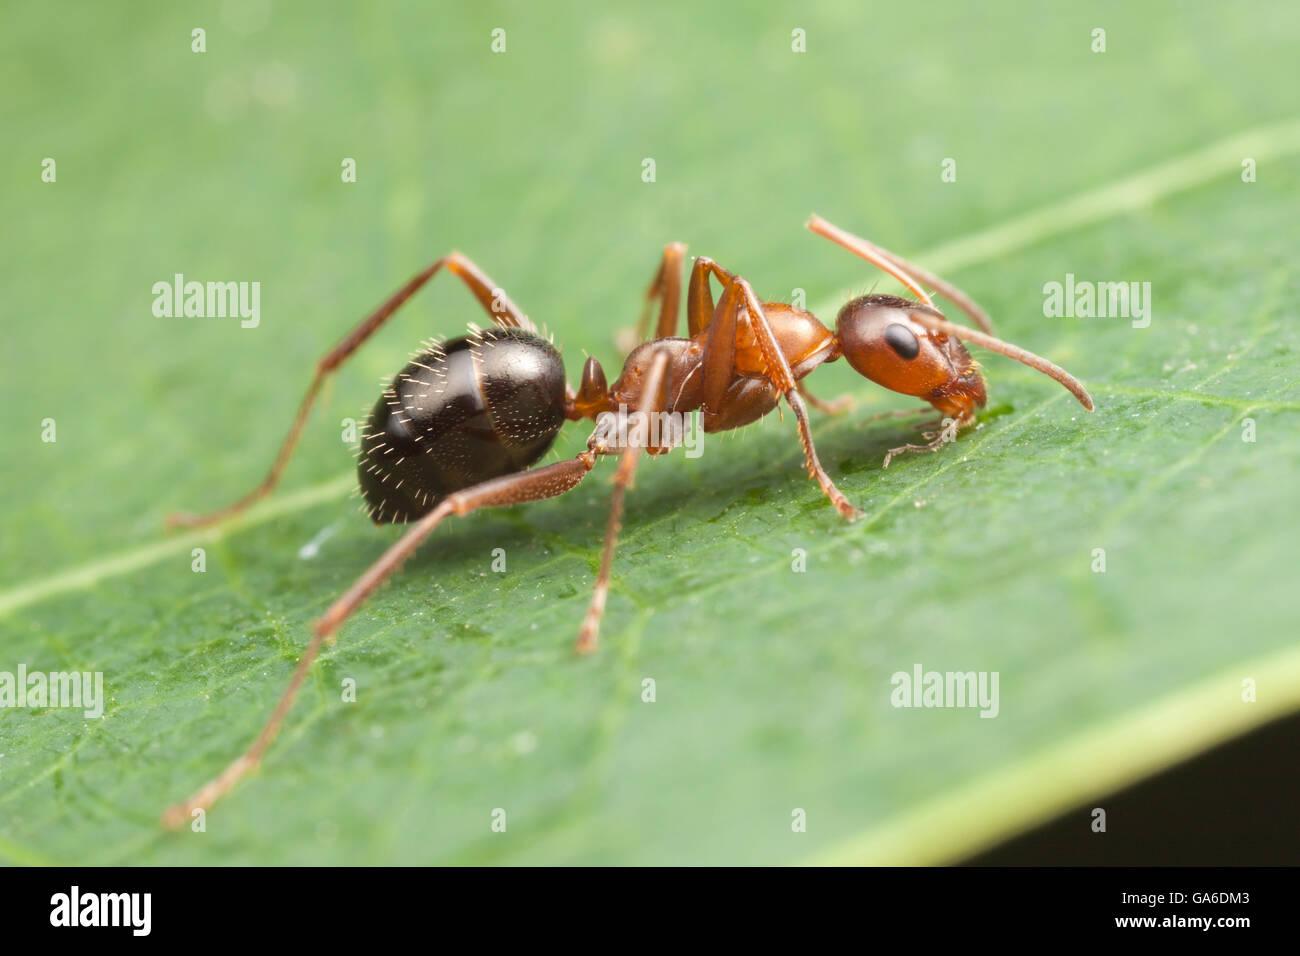 Une fourmi (Formica incerta) forages sur une feuille. Photo Stock